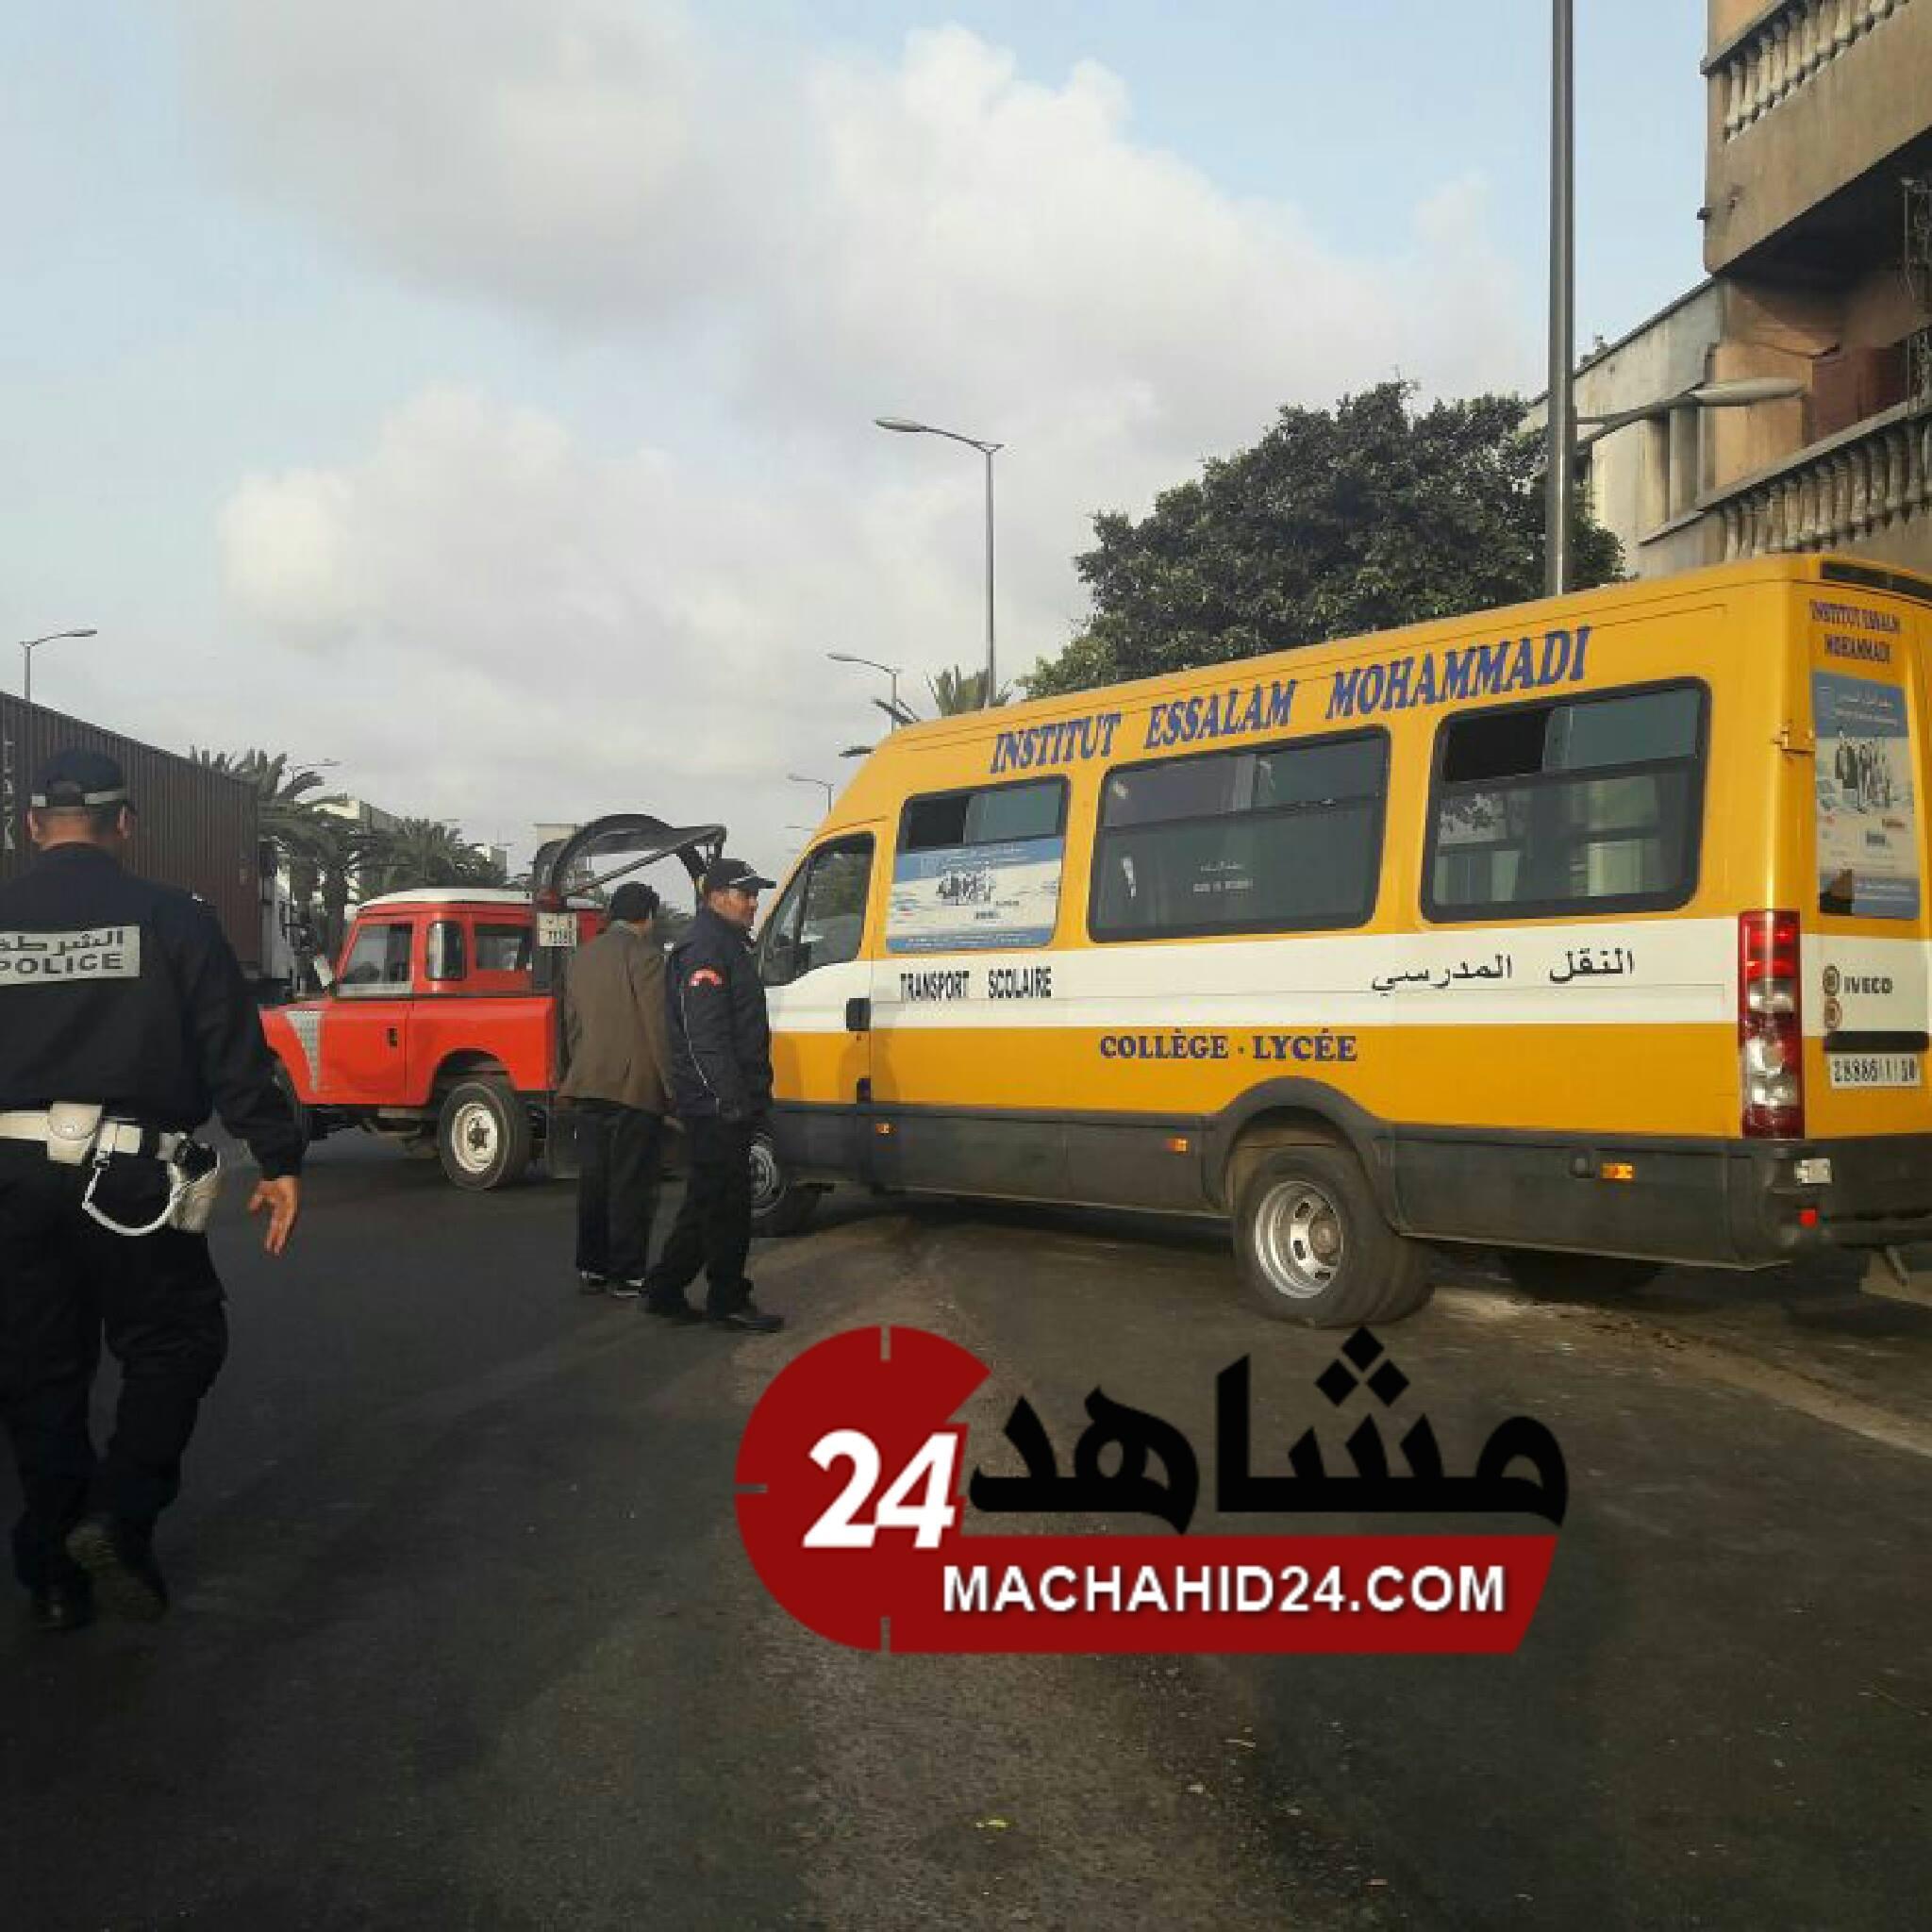 انفجار عجلة سيارة للنقل المدرسي يثير هلعا في صفوف التلاميذ